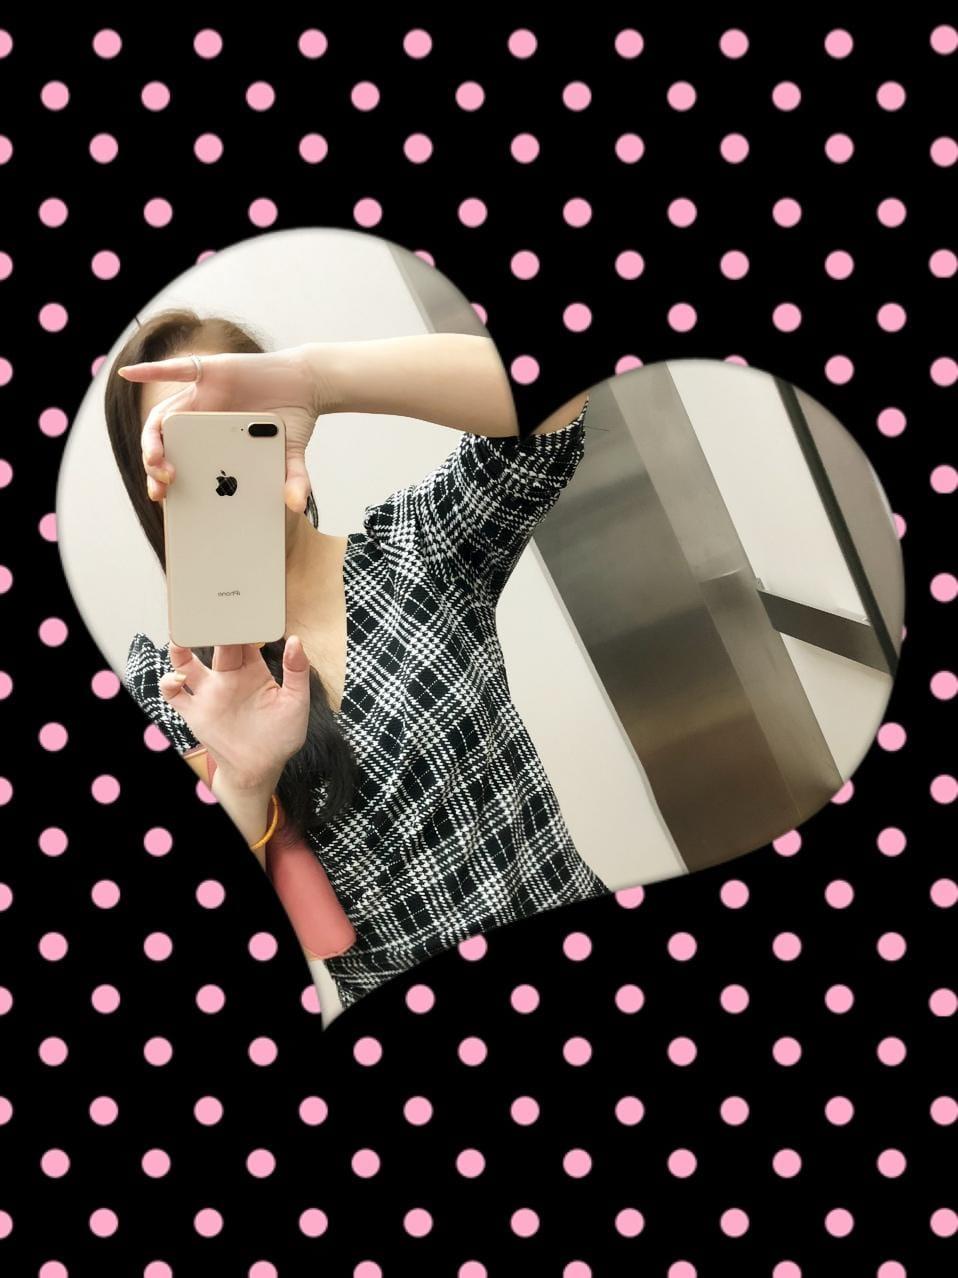 「名古屋からのR様ありがとう」10/21(日) 22:03 | めい(昭和41年生まれ)の写メ・風俗動画